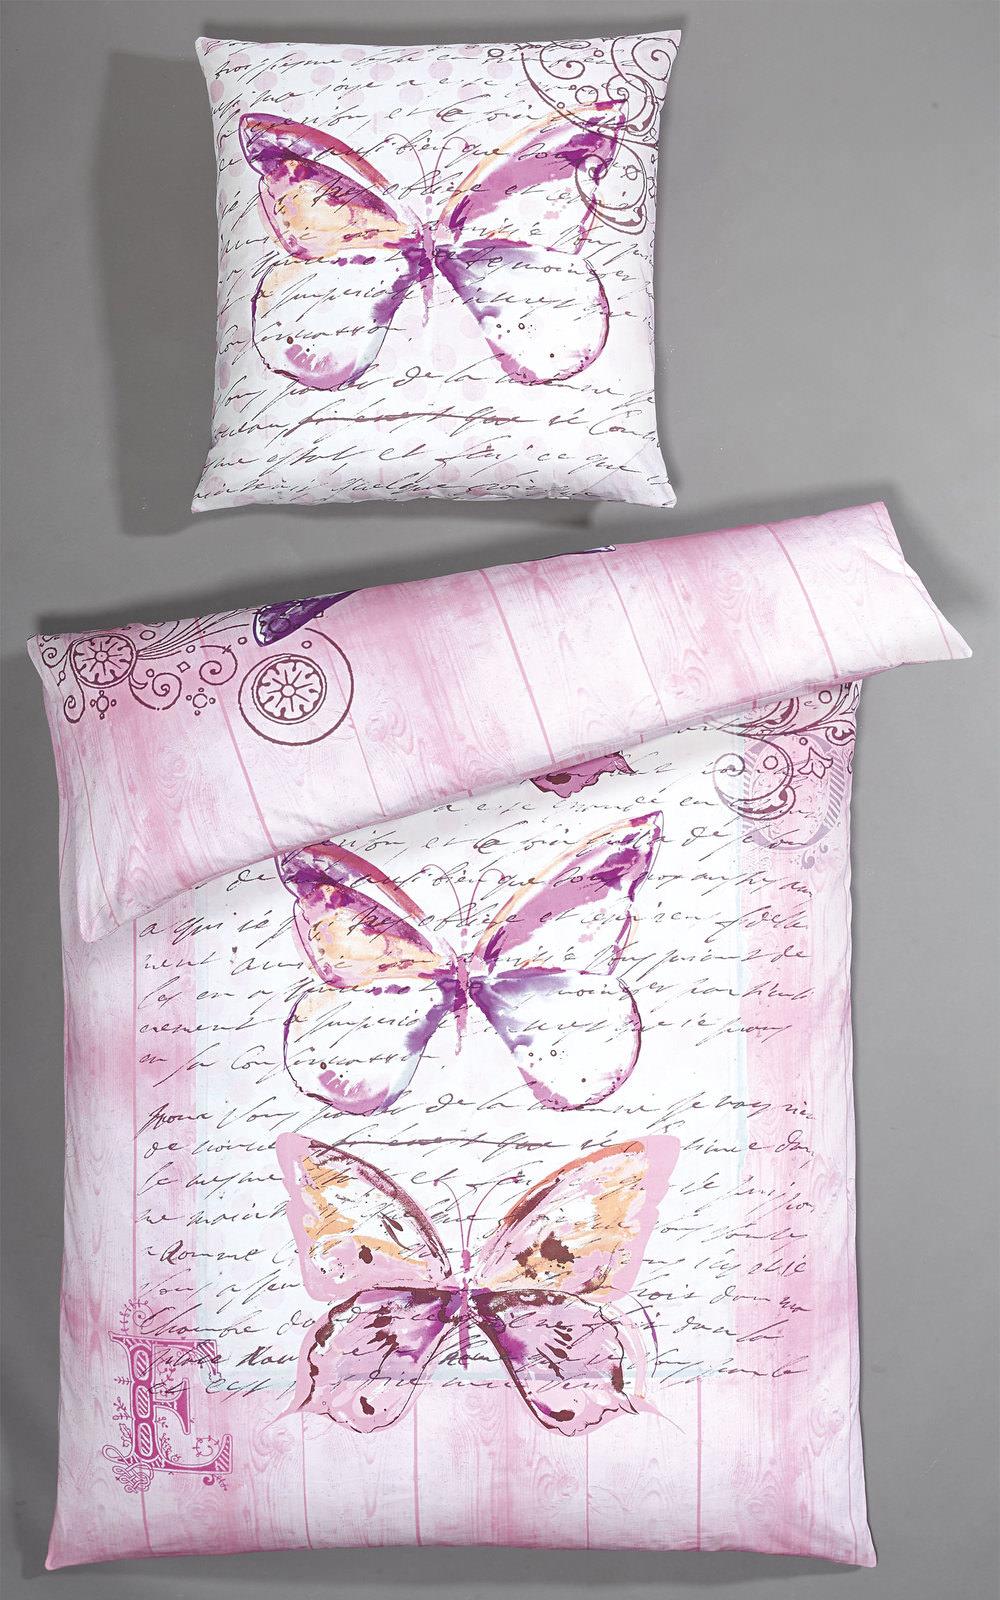 pronight pronight renforce bettw sche online entdecken knuffmann ihr m belhaus. Black Bedroom Furniture Sets. Home Design Ideas